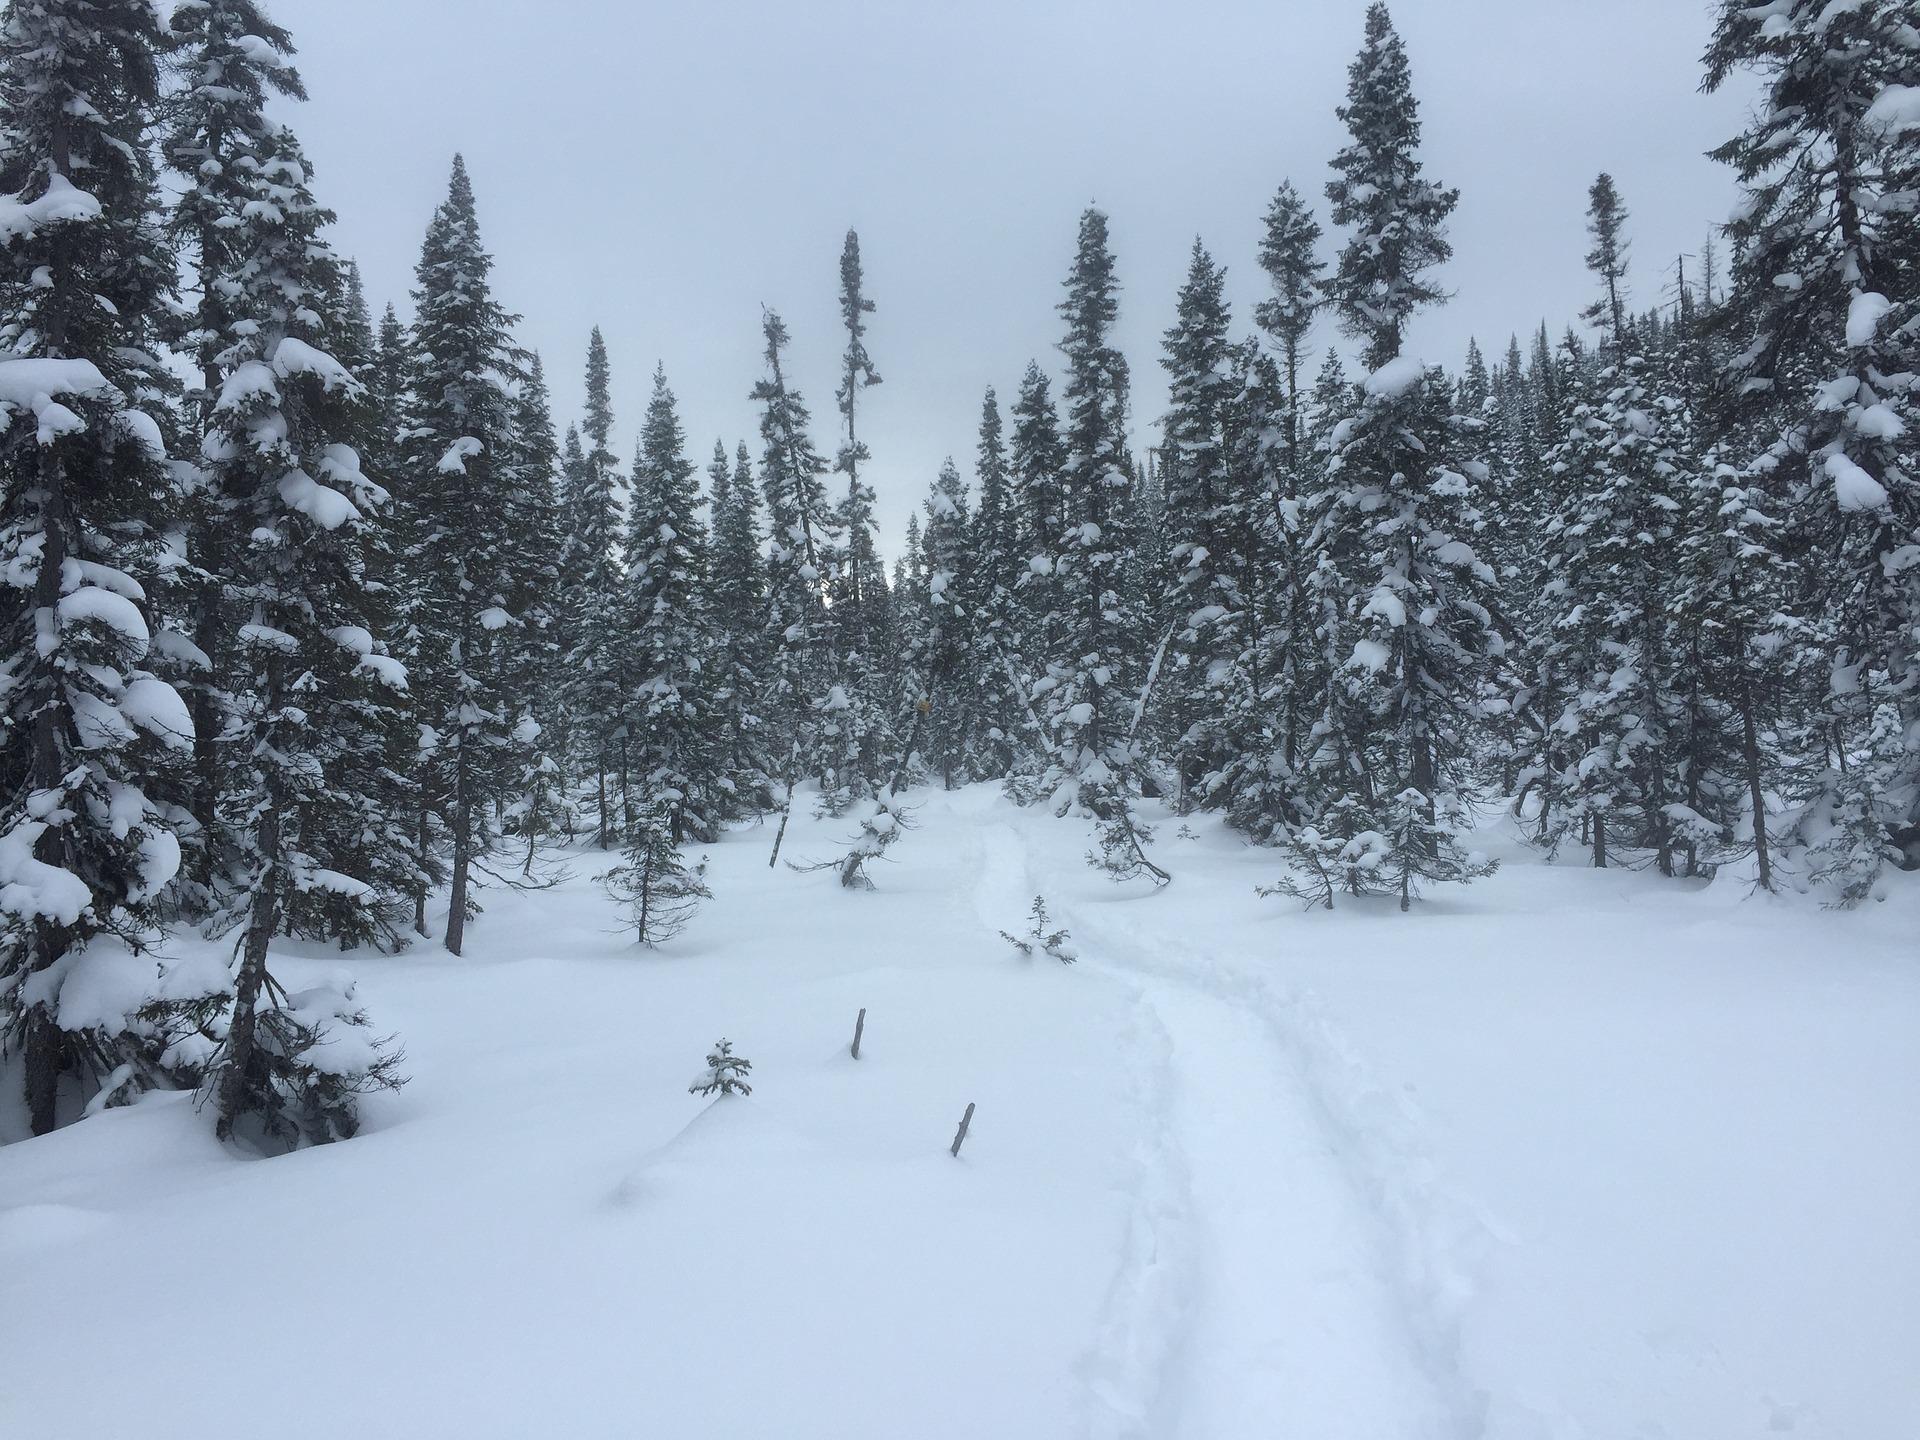 Esquiar é esporte praticado em paisagens deslumbrantes.